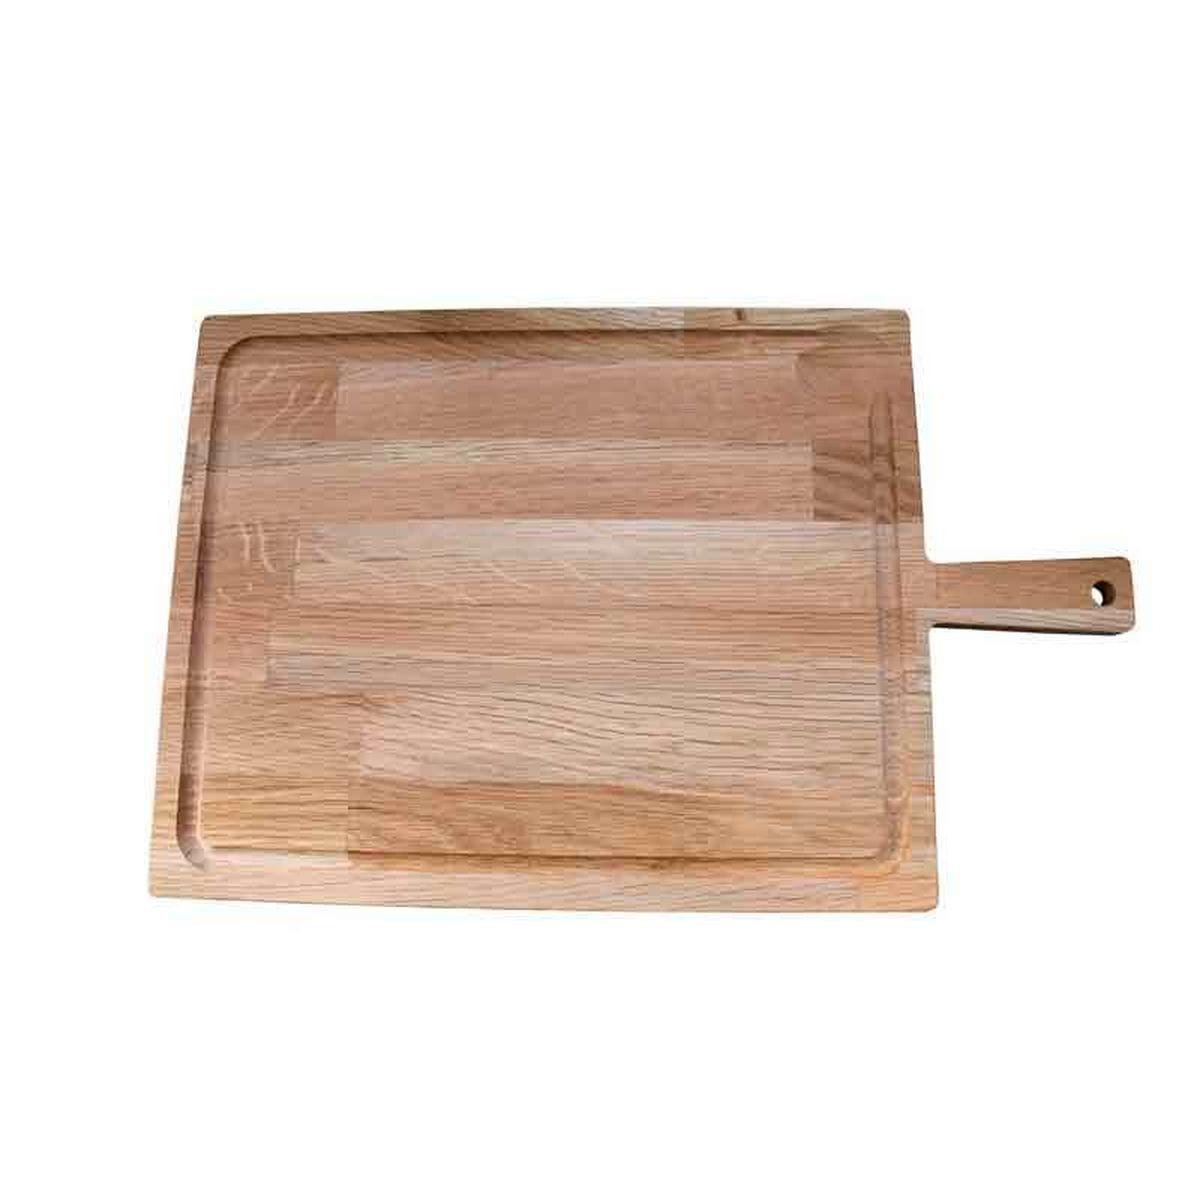 Planche de présentation avec poignée chêne huilé 46 x 28.5 cm - Roger Orfevre